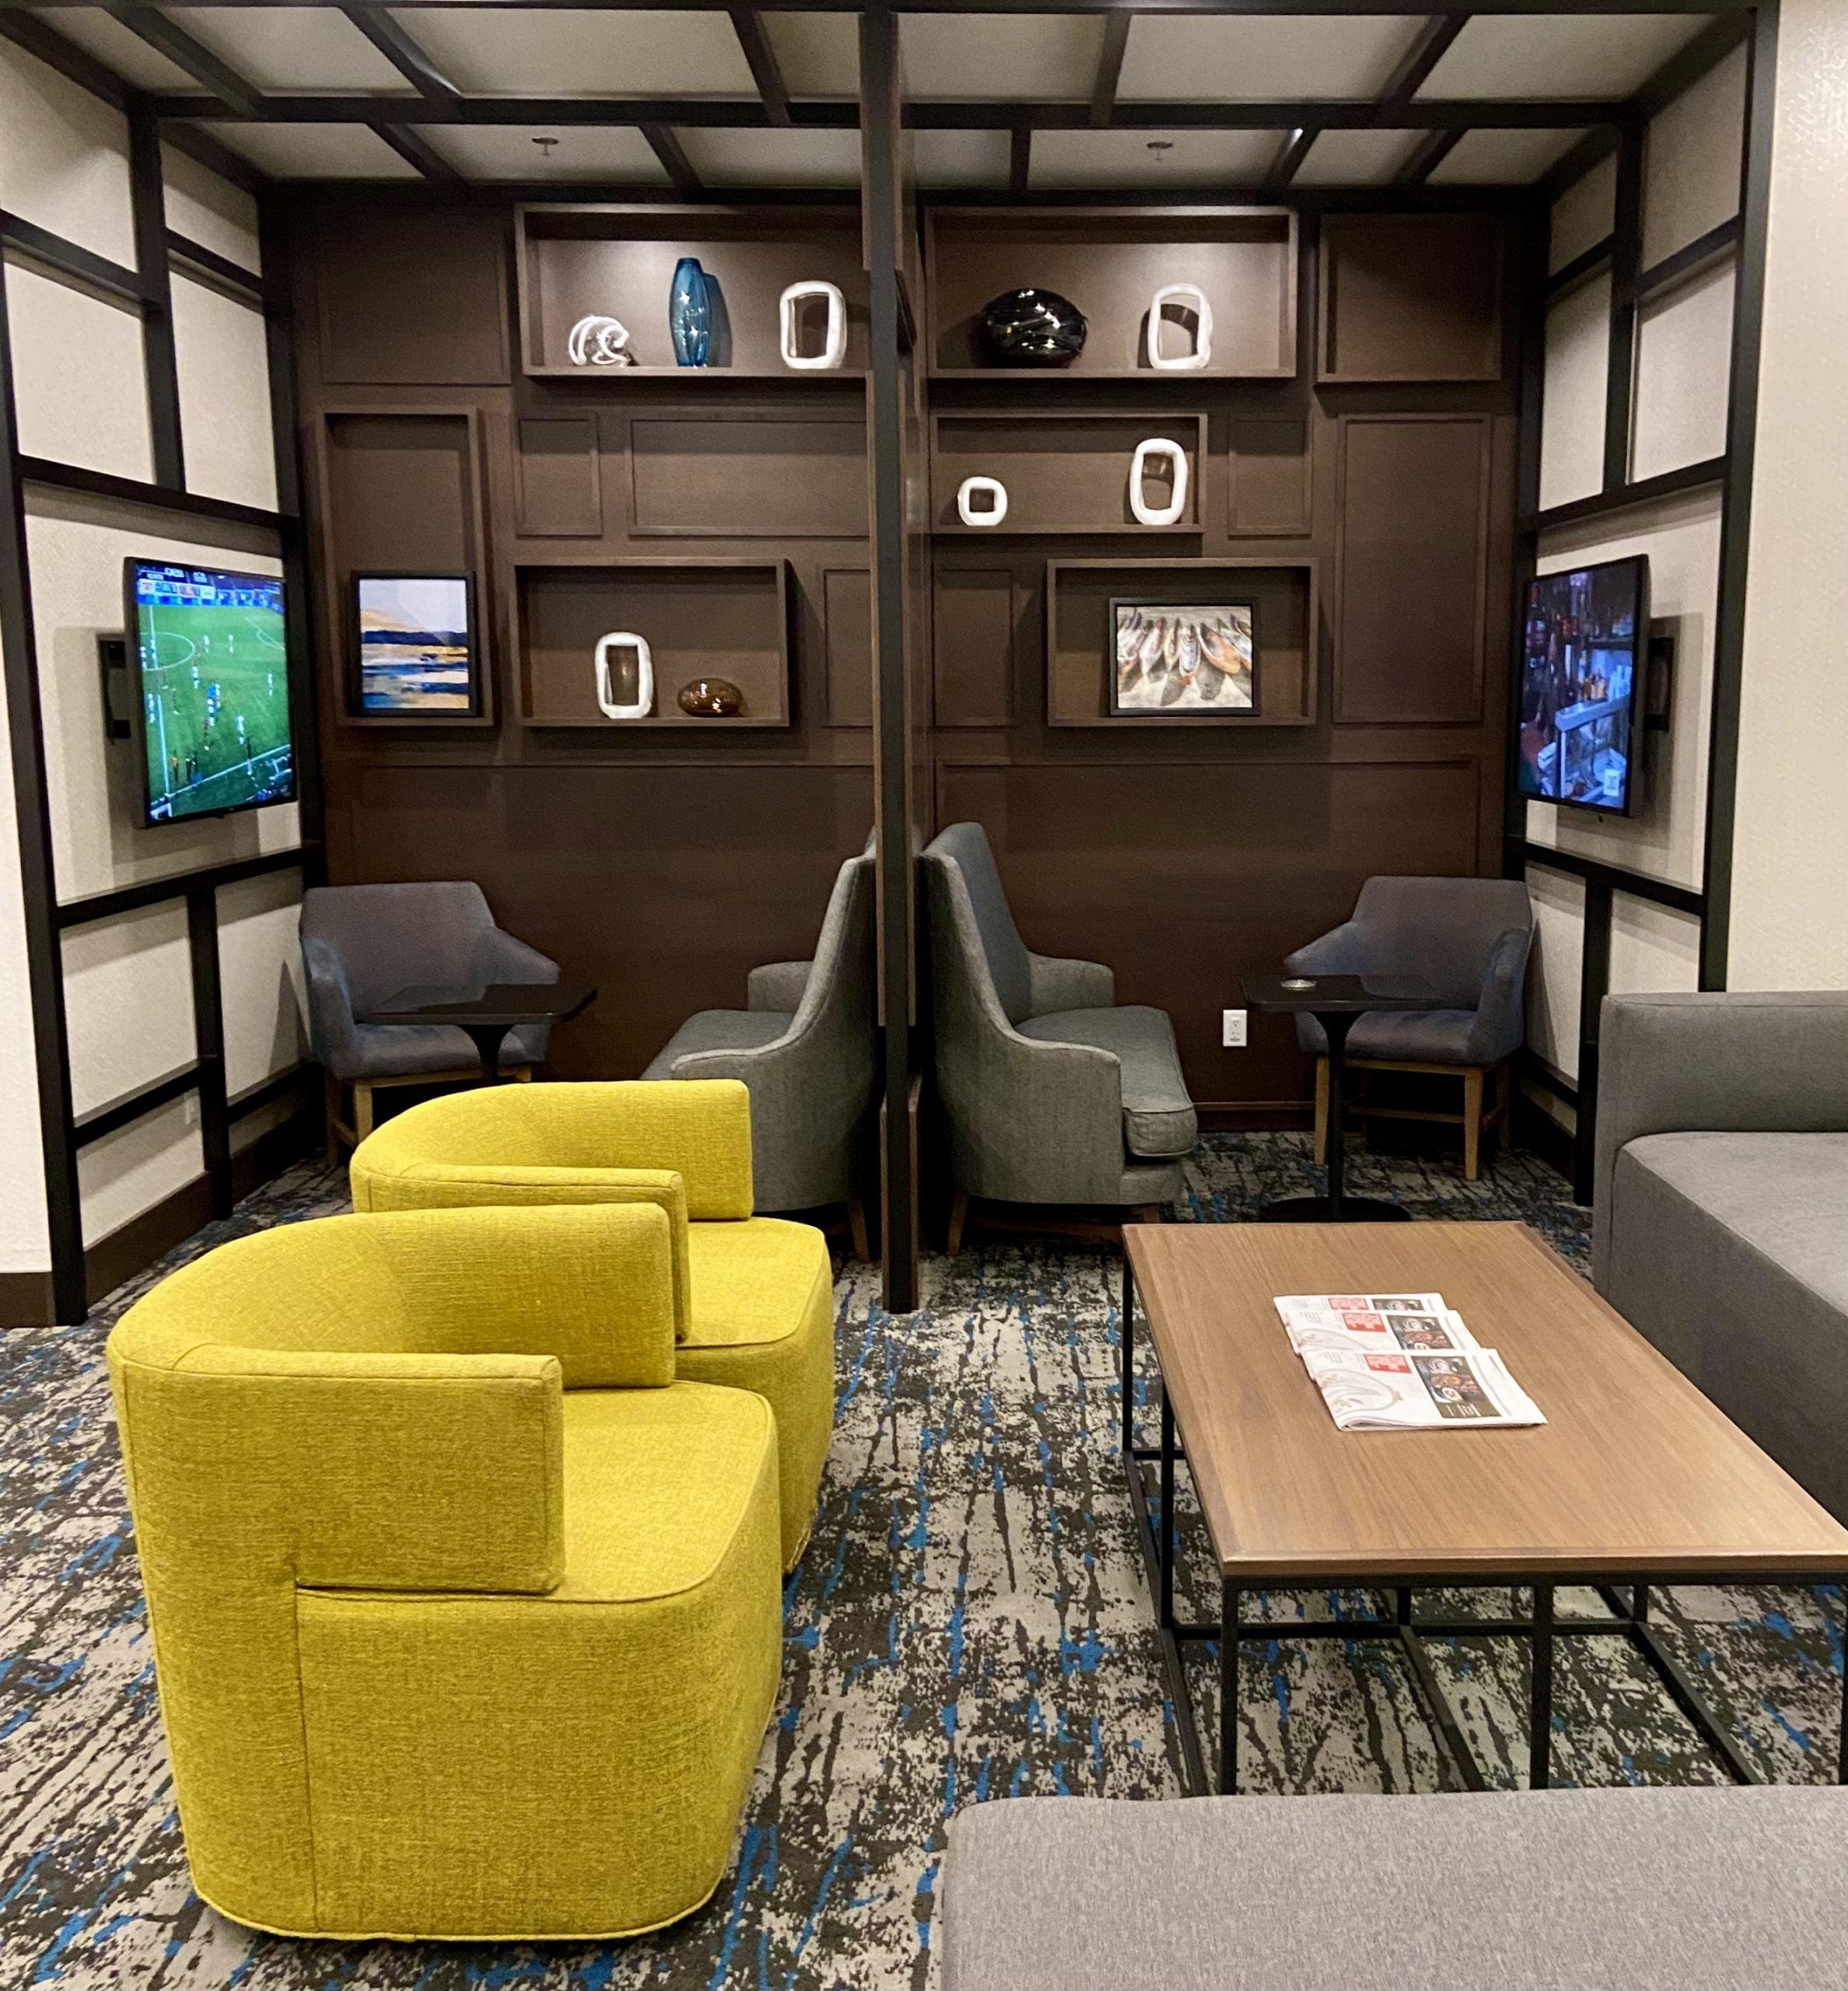 hyatt-place-kelowna-lobby